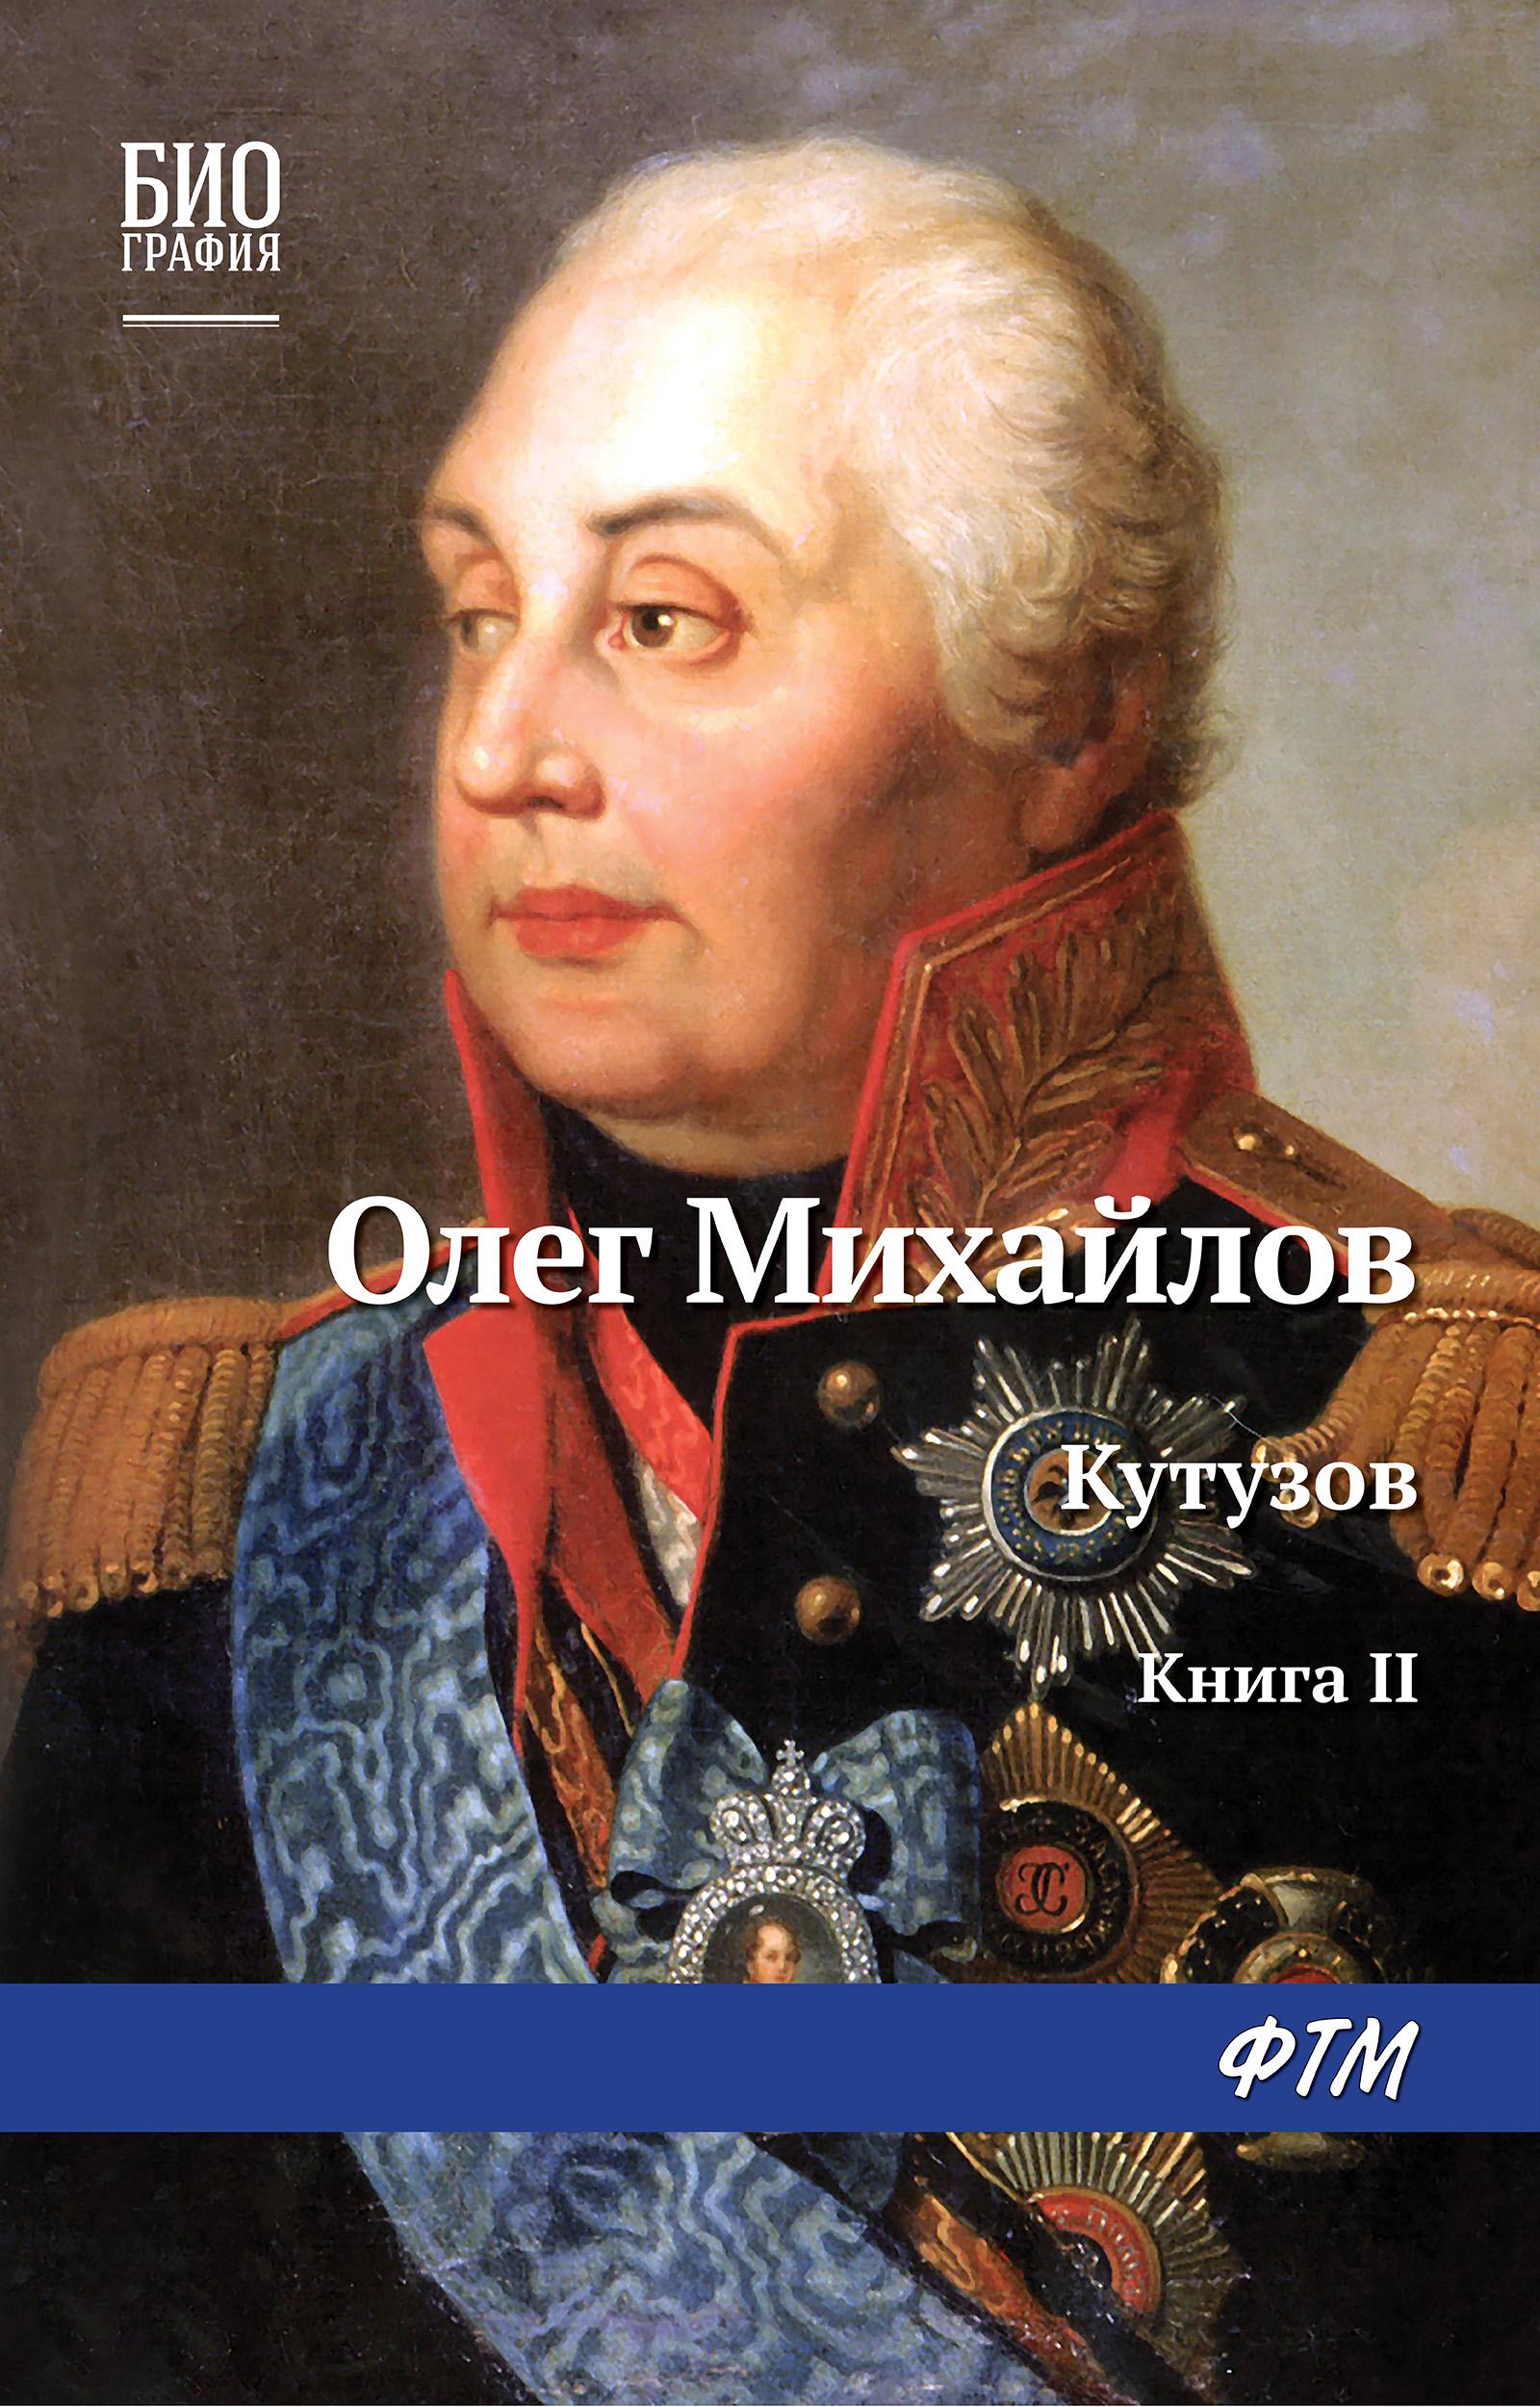 kutuzov kniga 2 sey idol severnykh druzhin